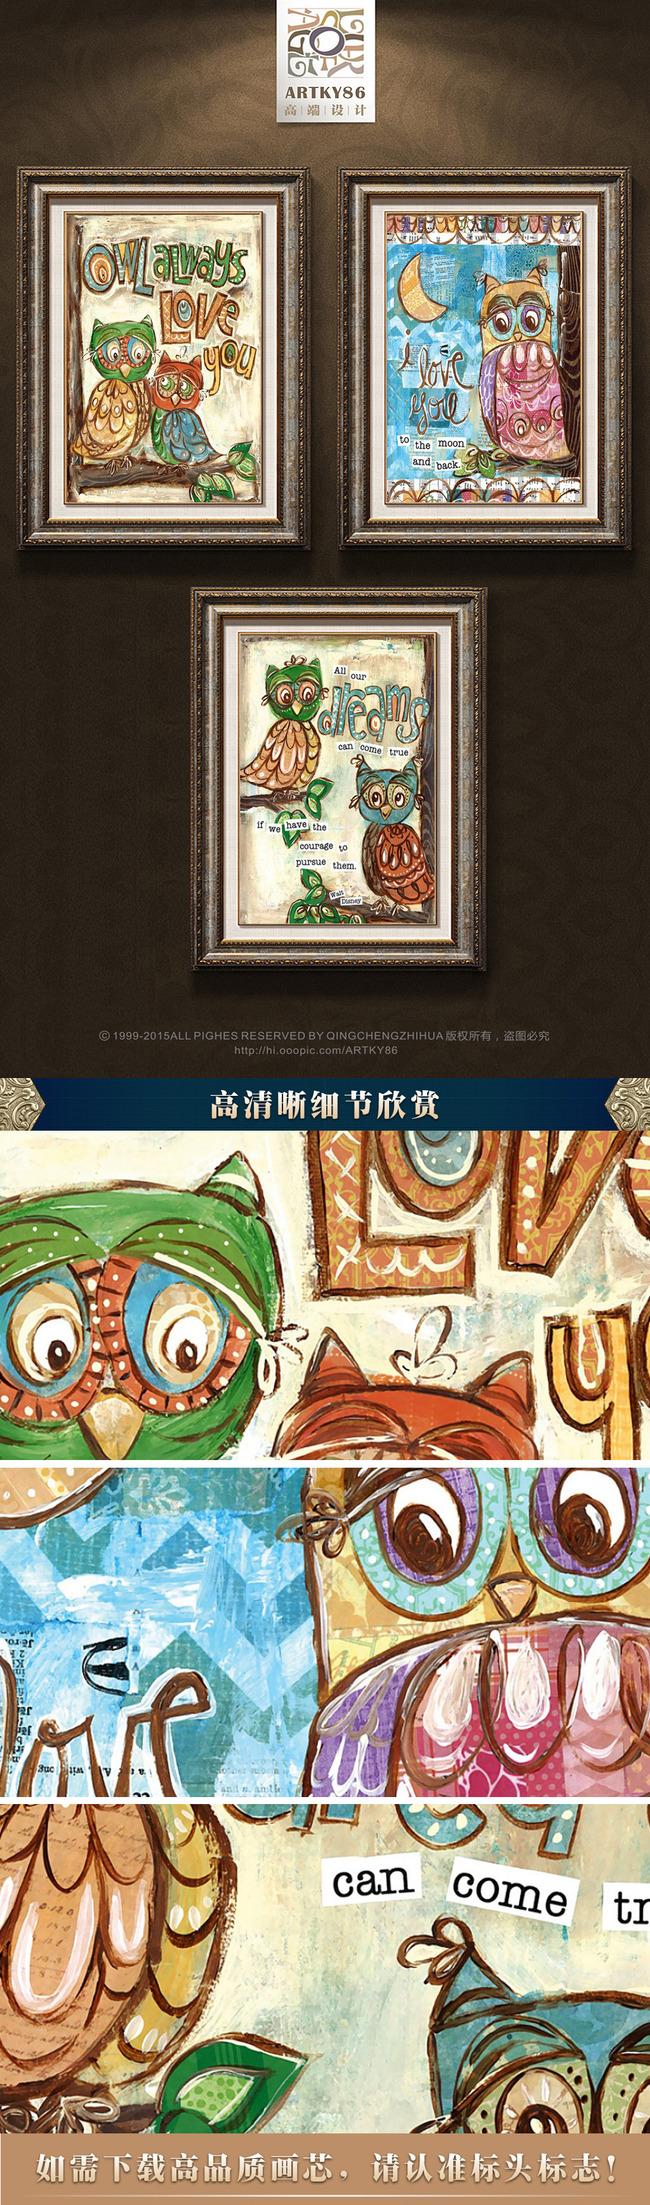 可爱卡通清新彩色猫头鹰英文油画装饰画